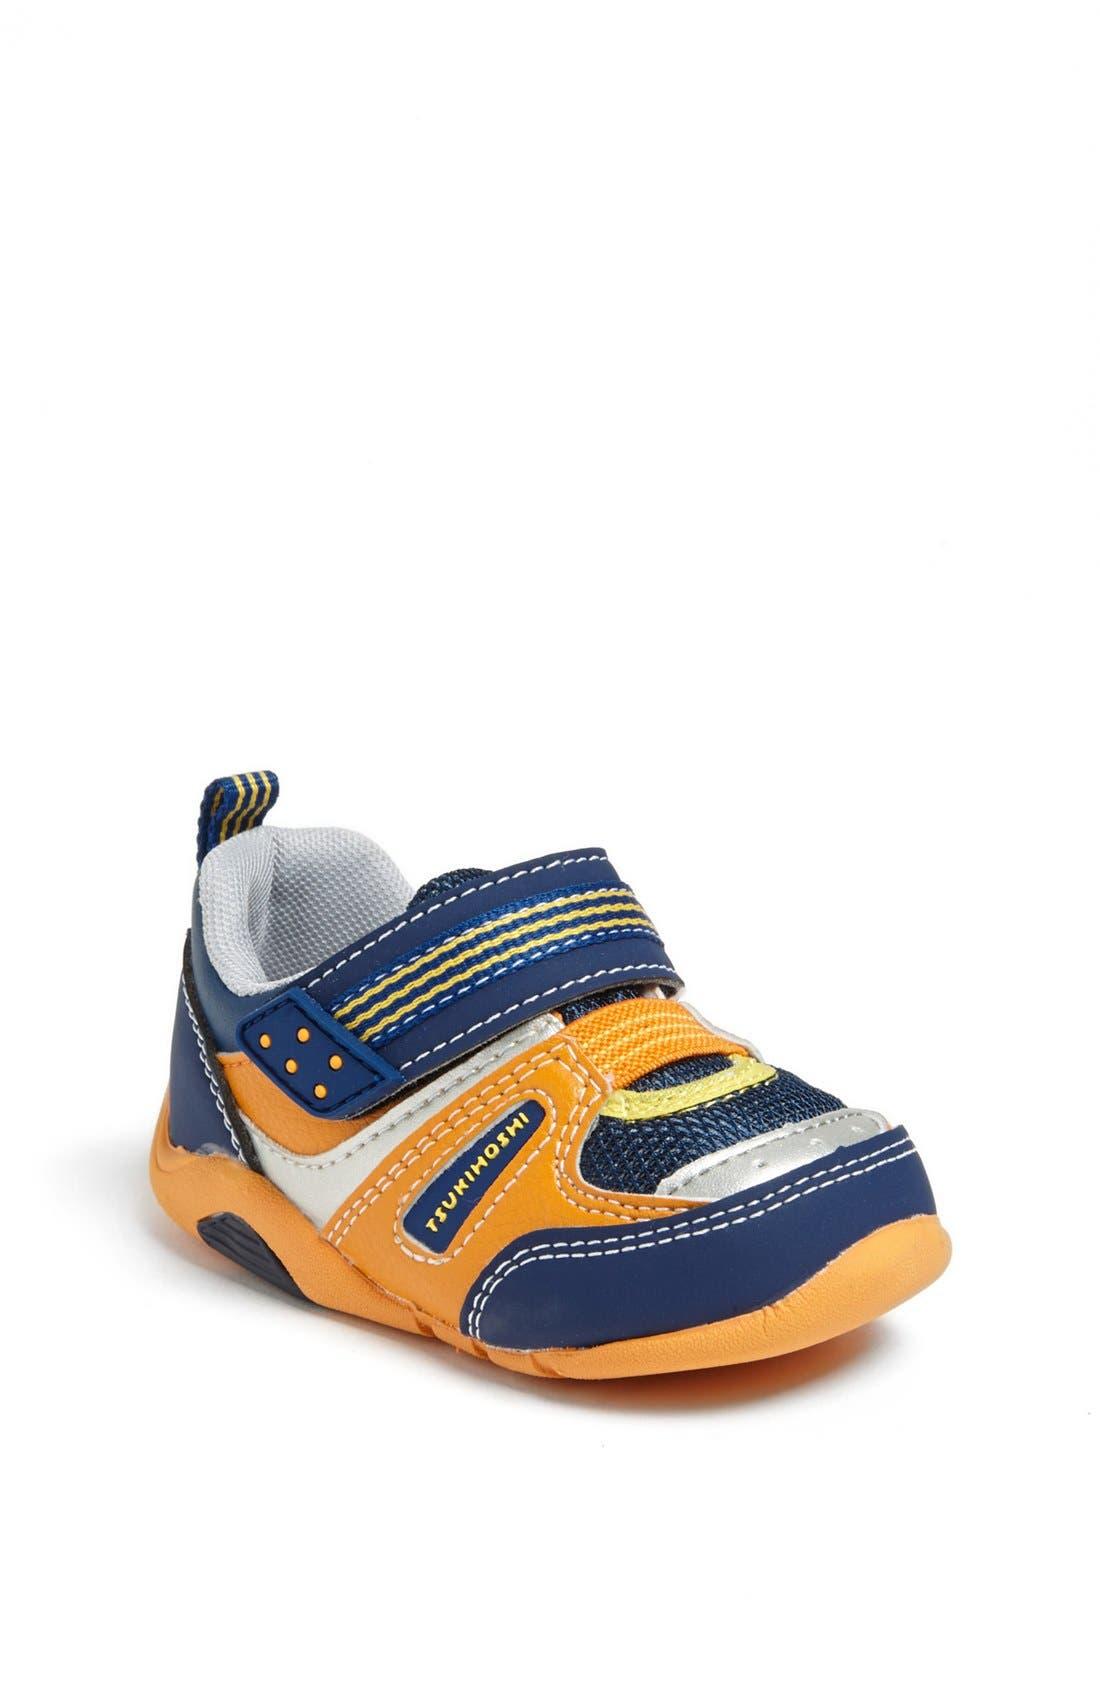 Alternate Image 1 Selected - Tsukihoshi 'Baby 02' Sneaker (Walker)